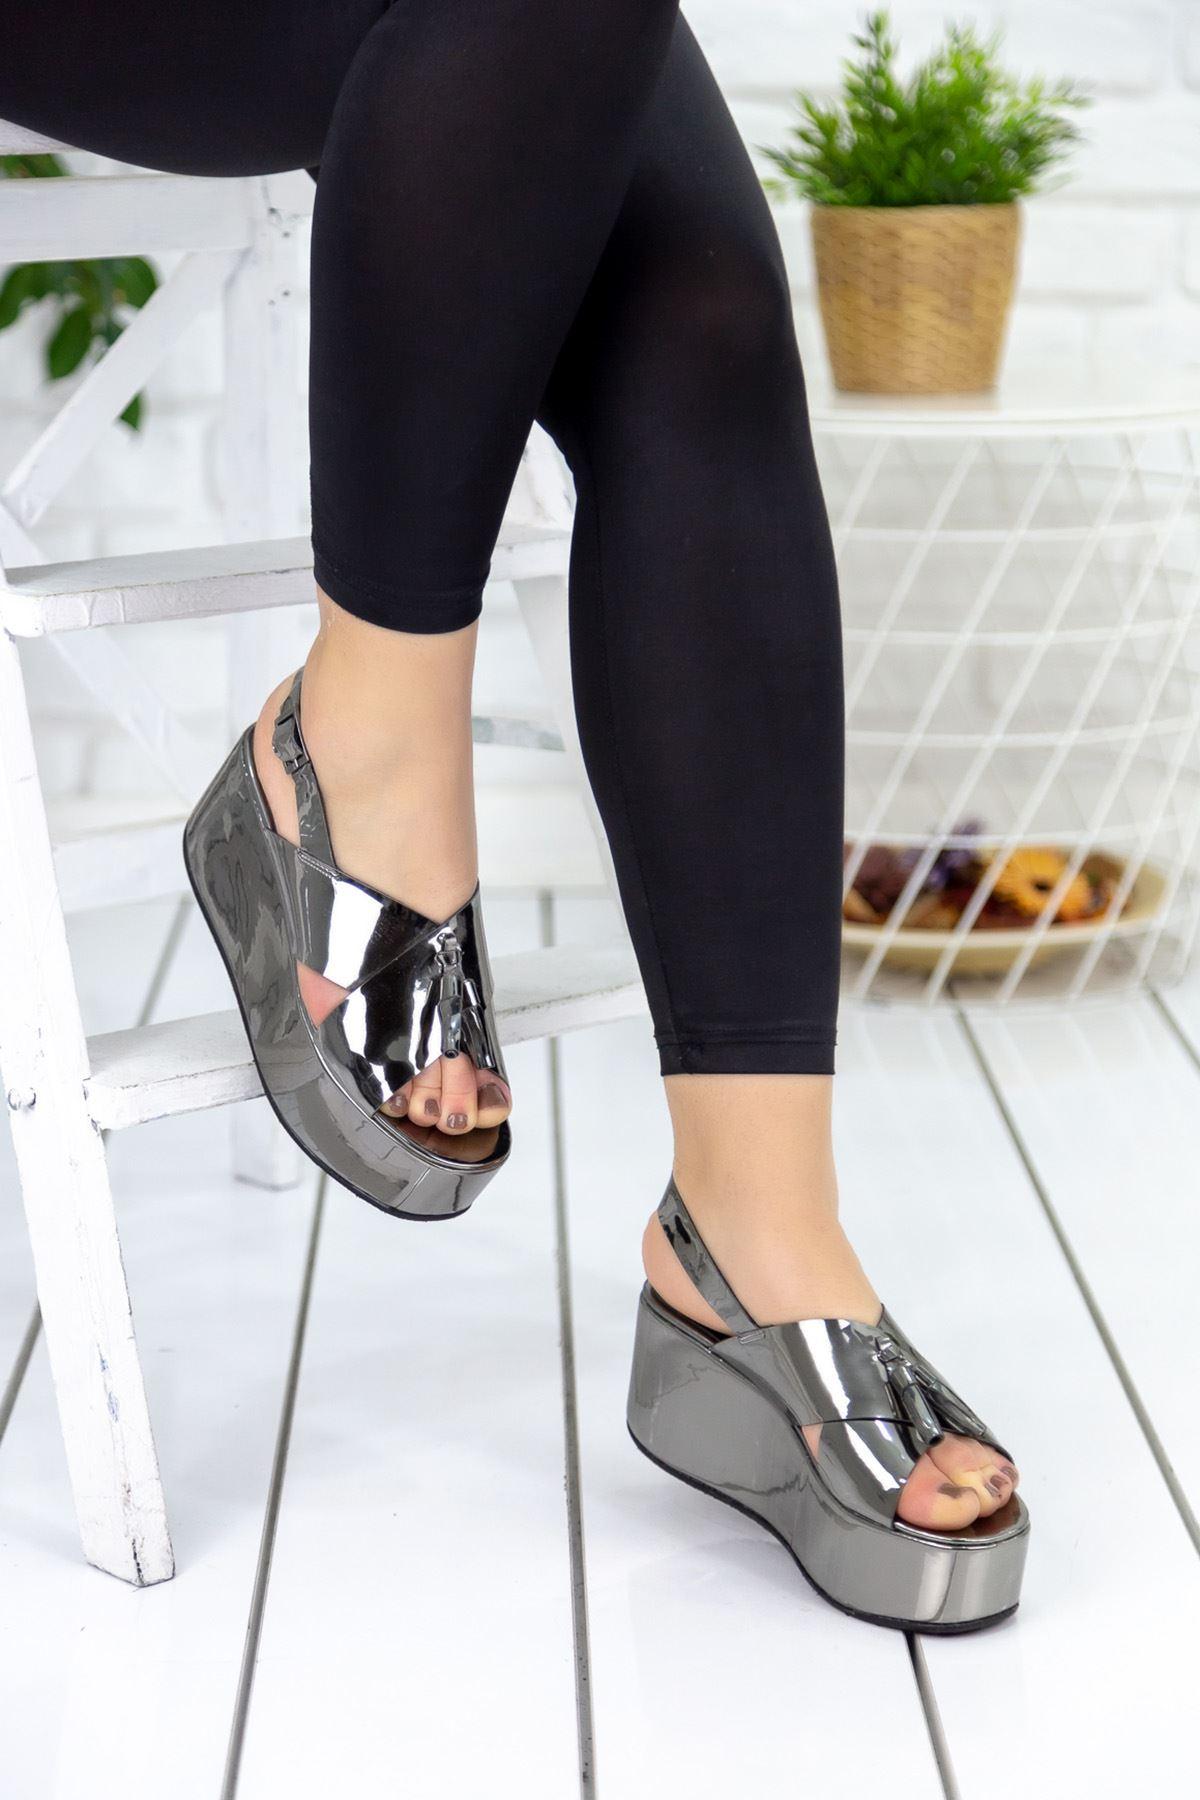 Norte Gümüş Püsküllü Hakiki Deri Platform Bayan Ayakkabı